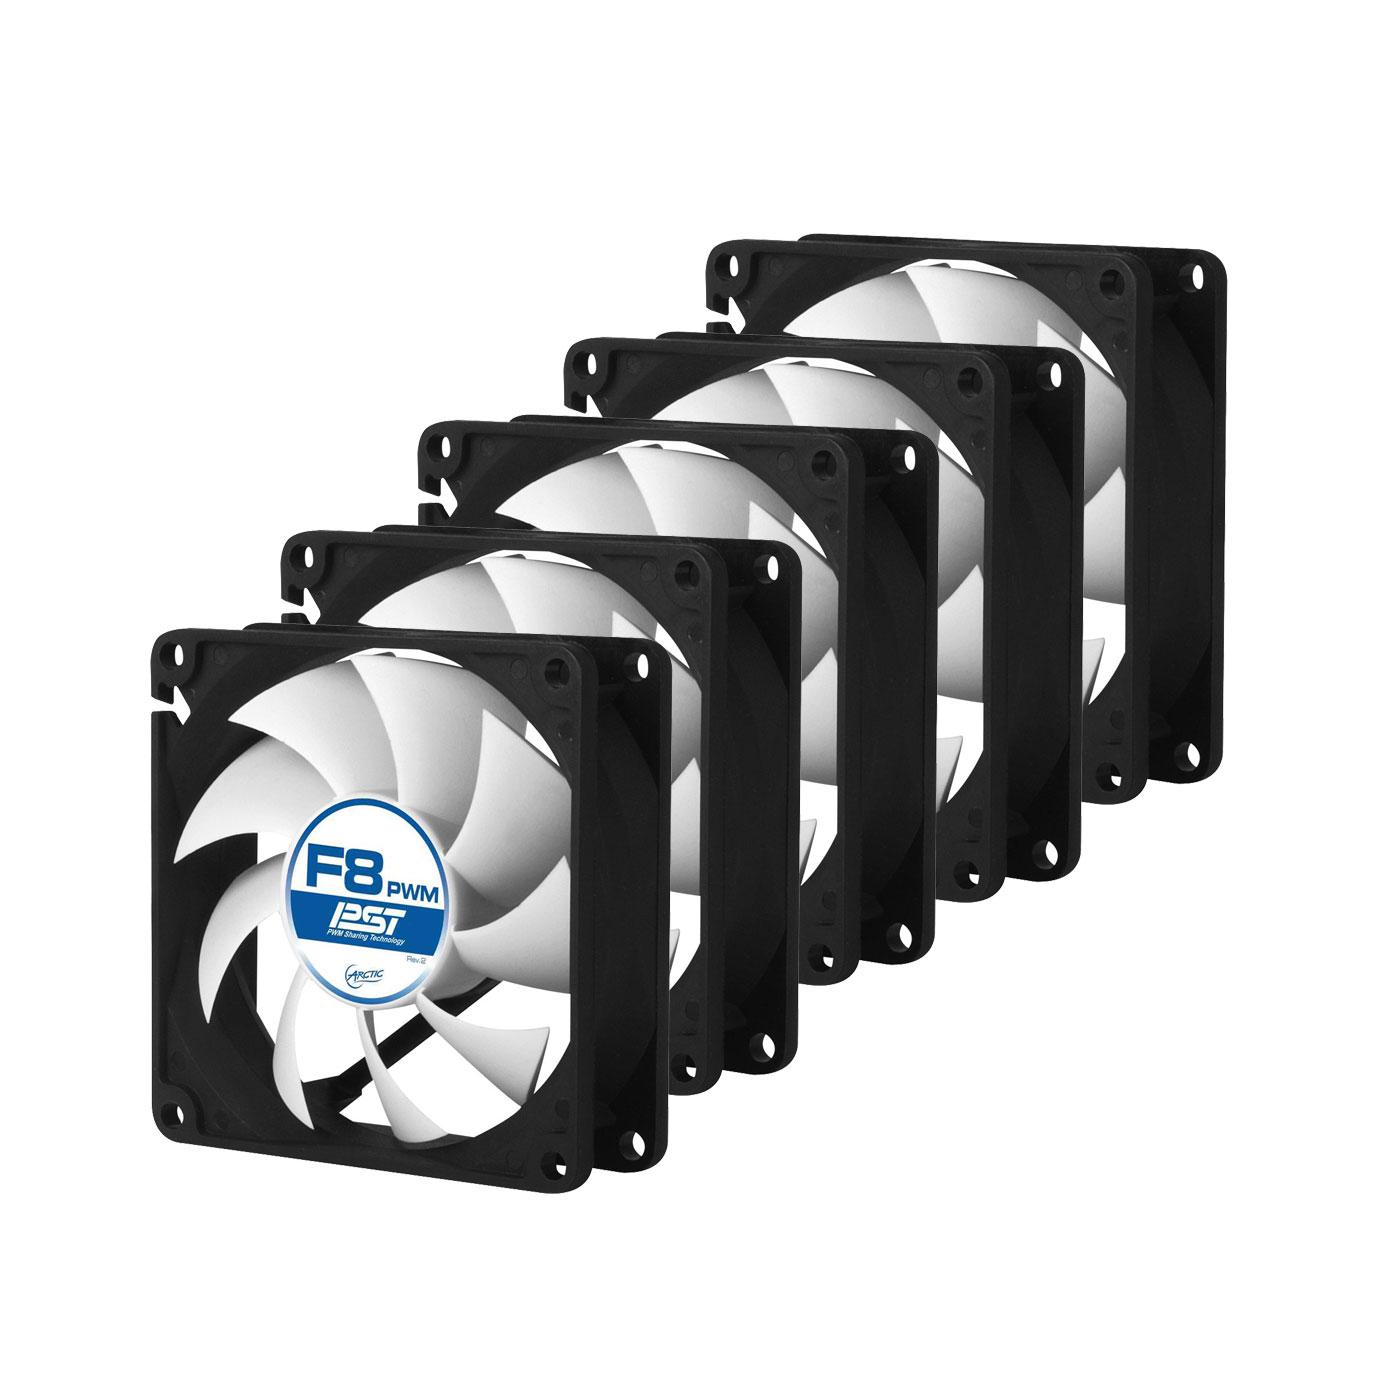 Ventilateur boîtier Arctic F8 PWM PST Value Pack Ventilateur de boîtier 80 mm thermorégulé avec système PST (lot de 5)